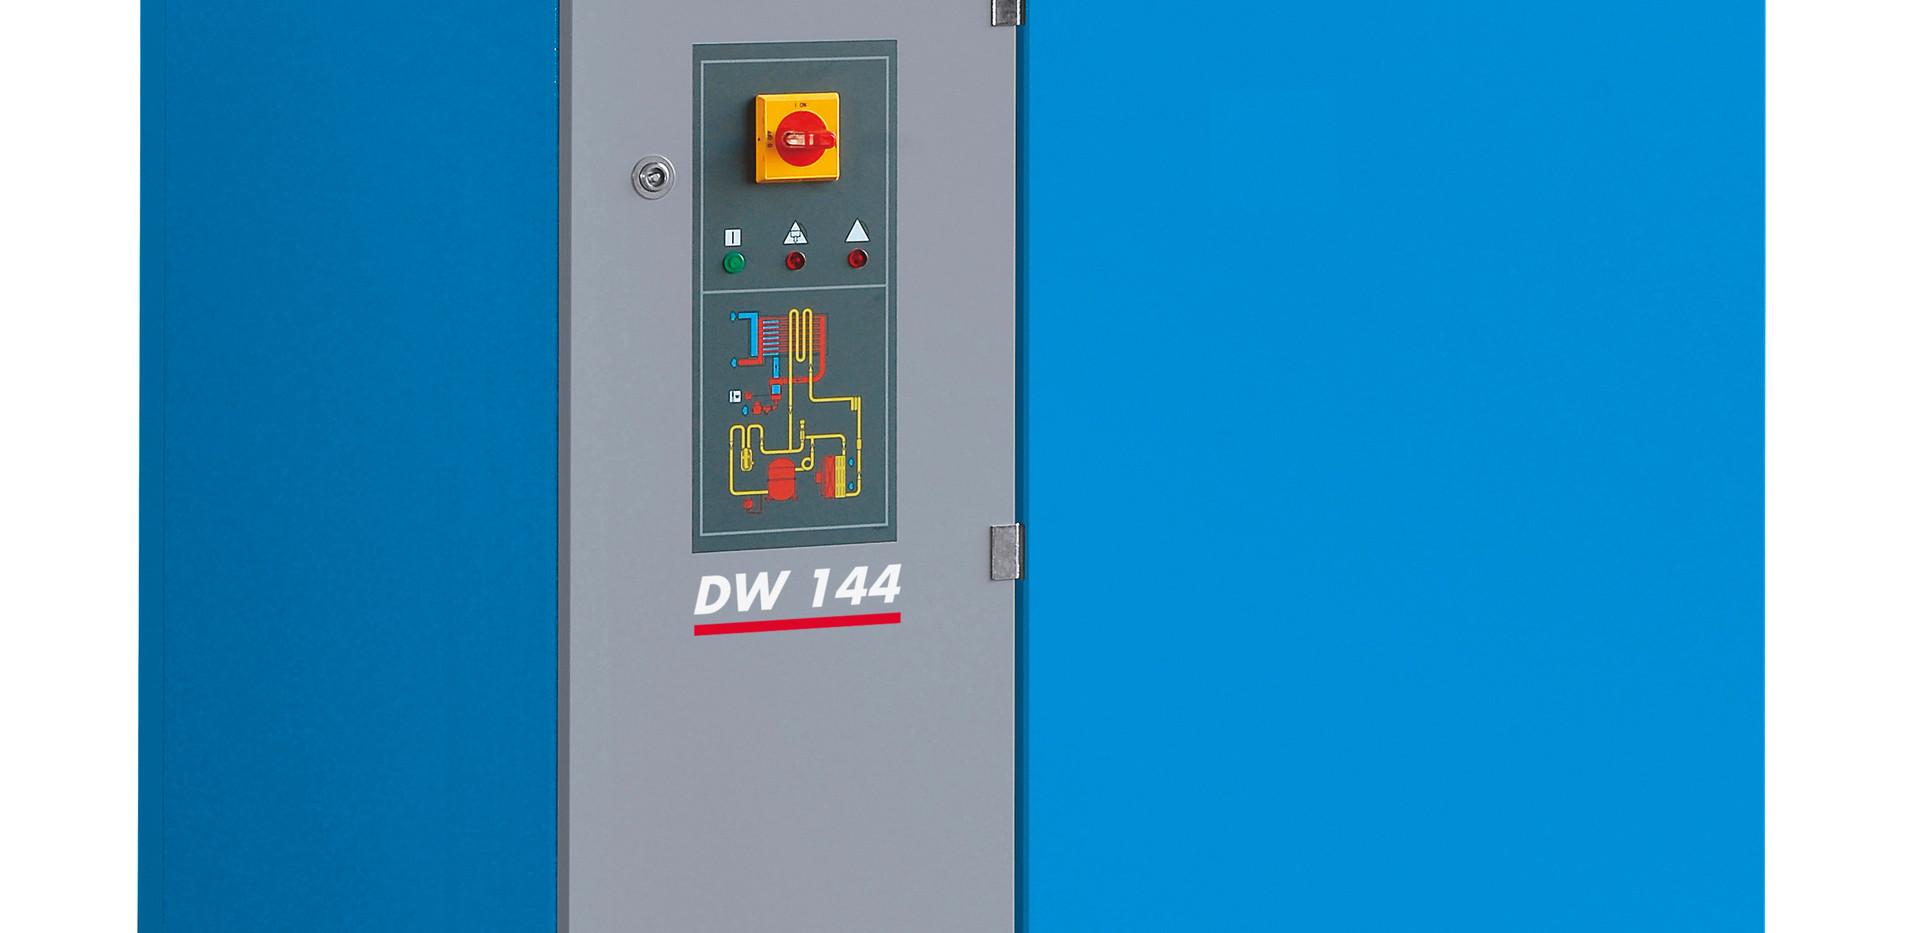 DW144.jpg